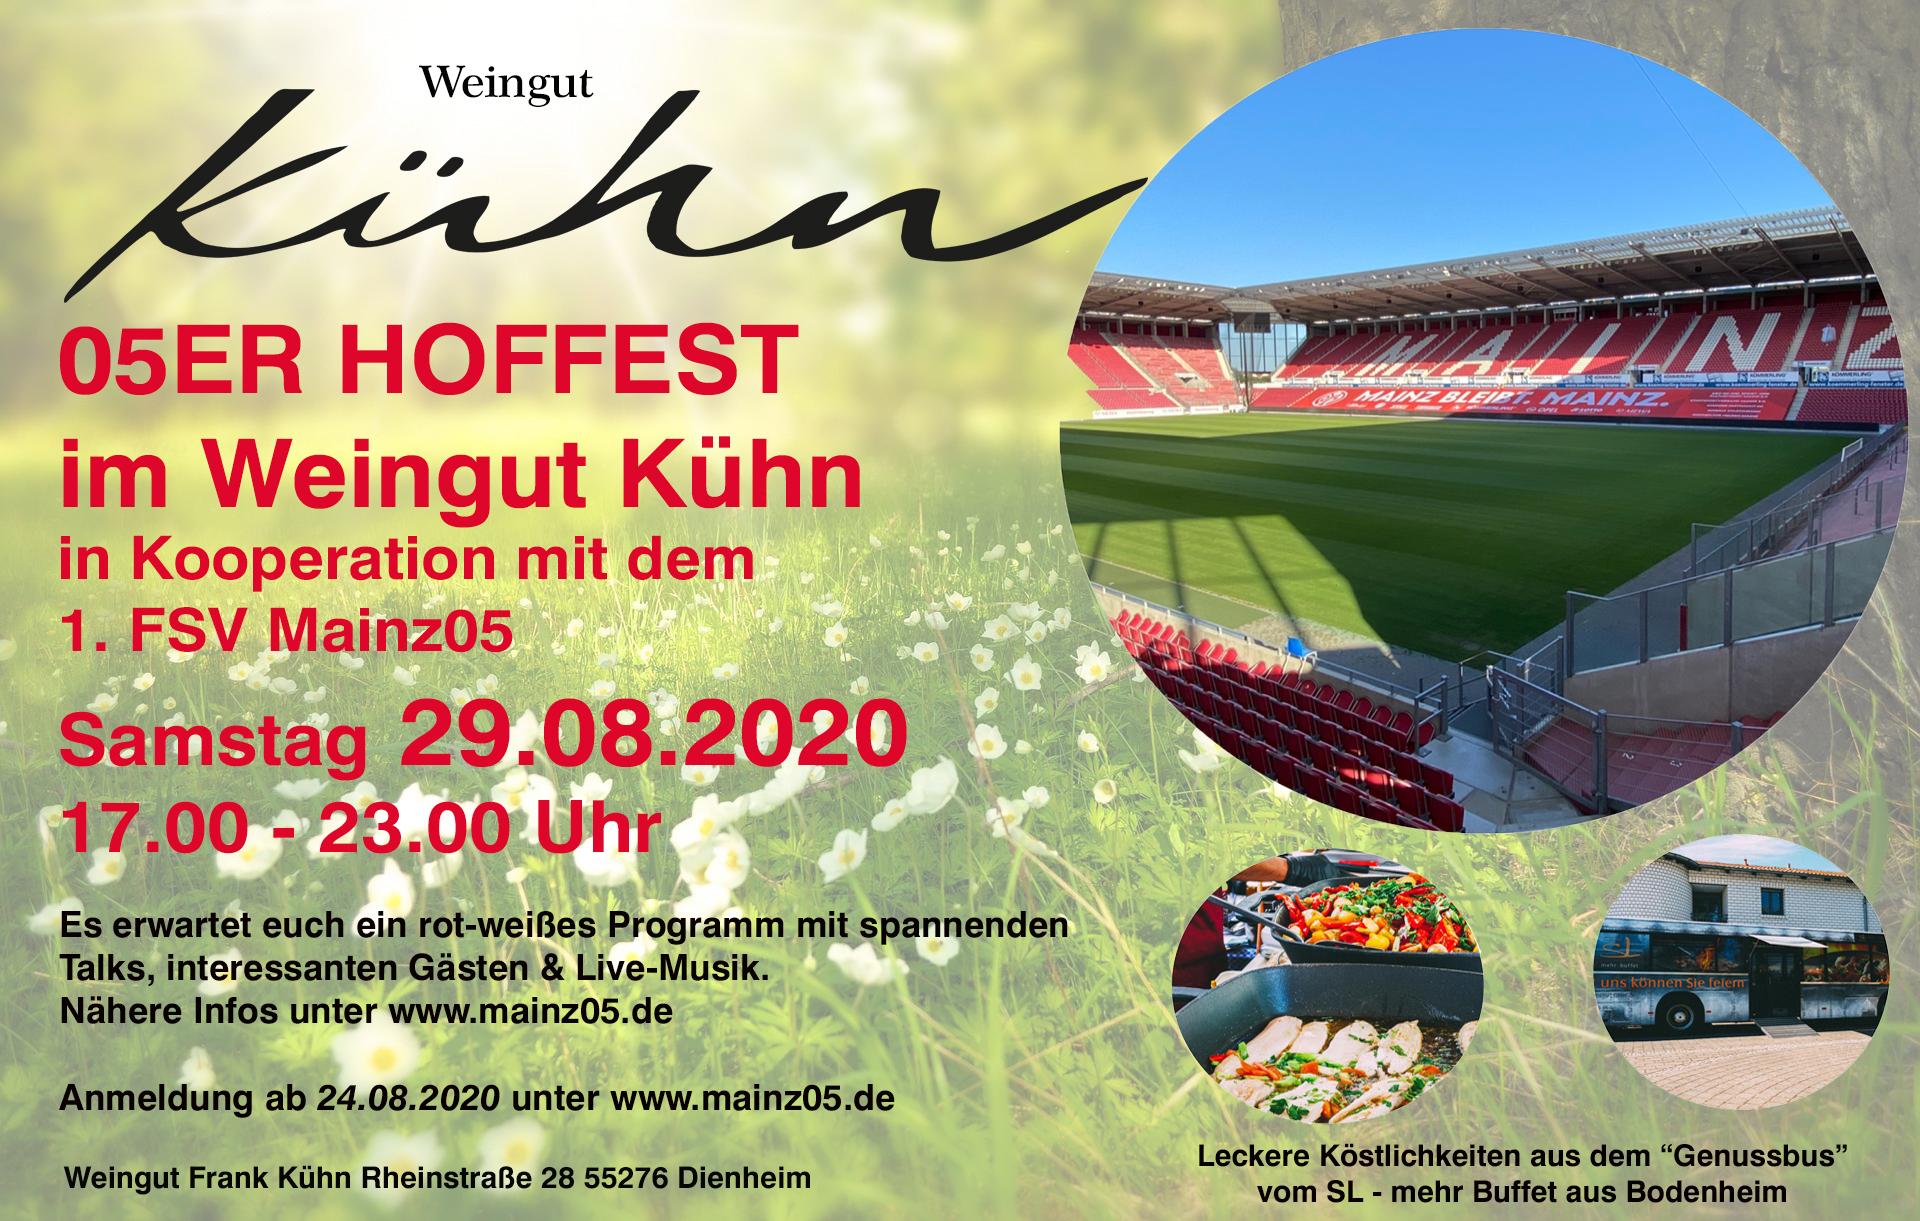 05er Hoffest Weingut Kühn